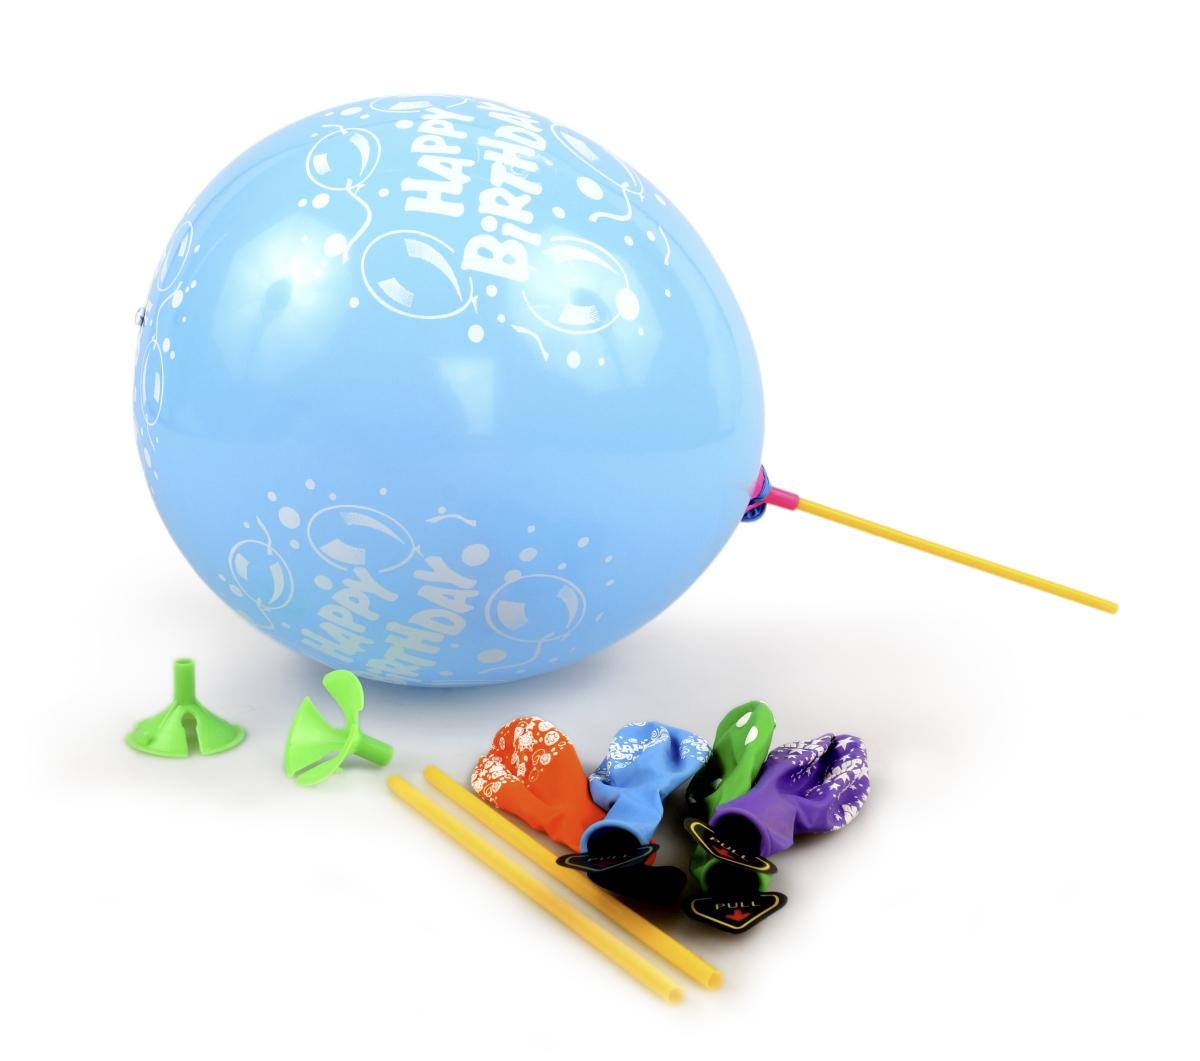 5 ks LED LIGHT balónky  nafukovací svítící  mix barev a nápisů